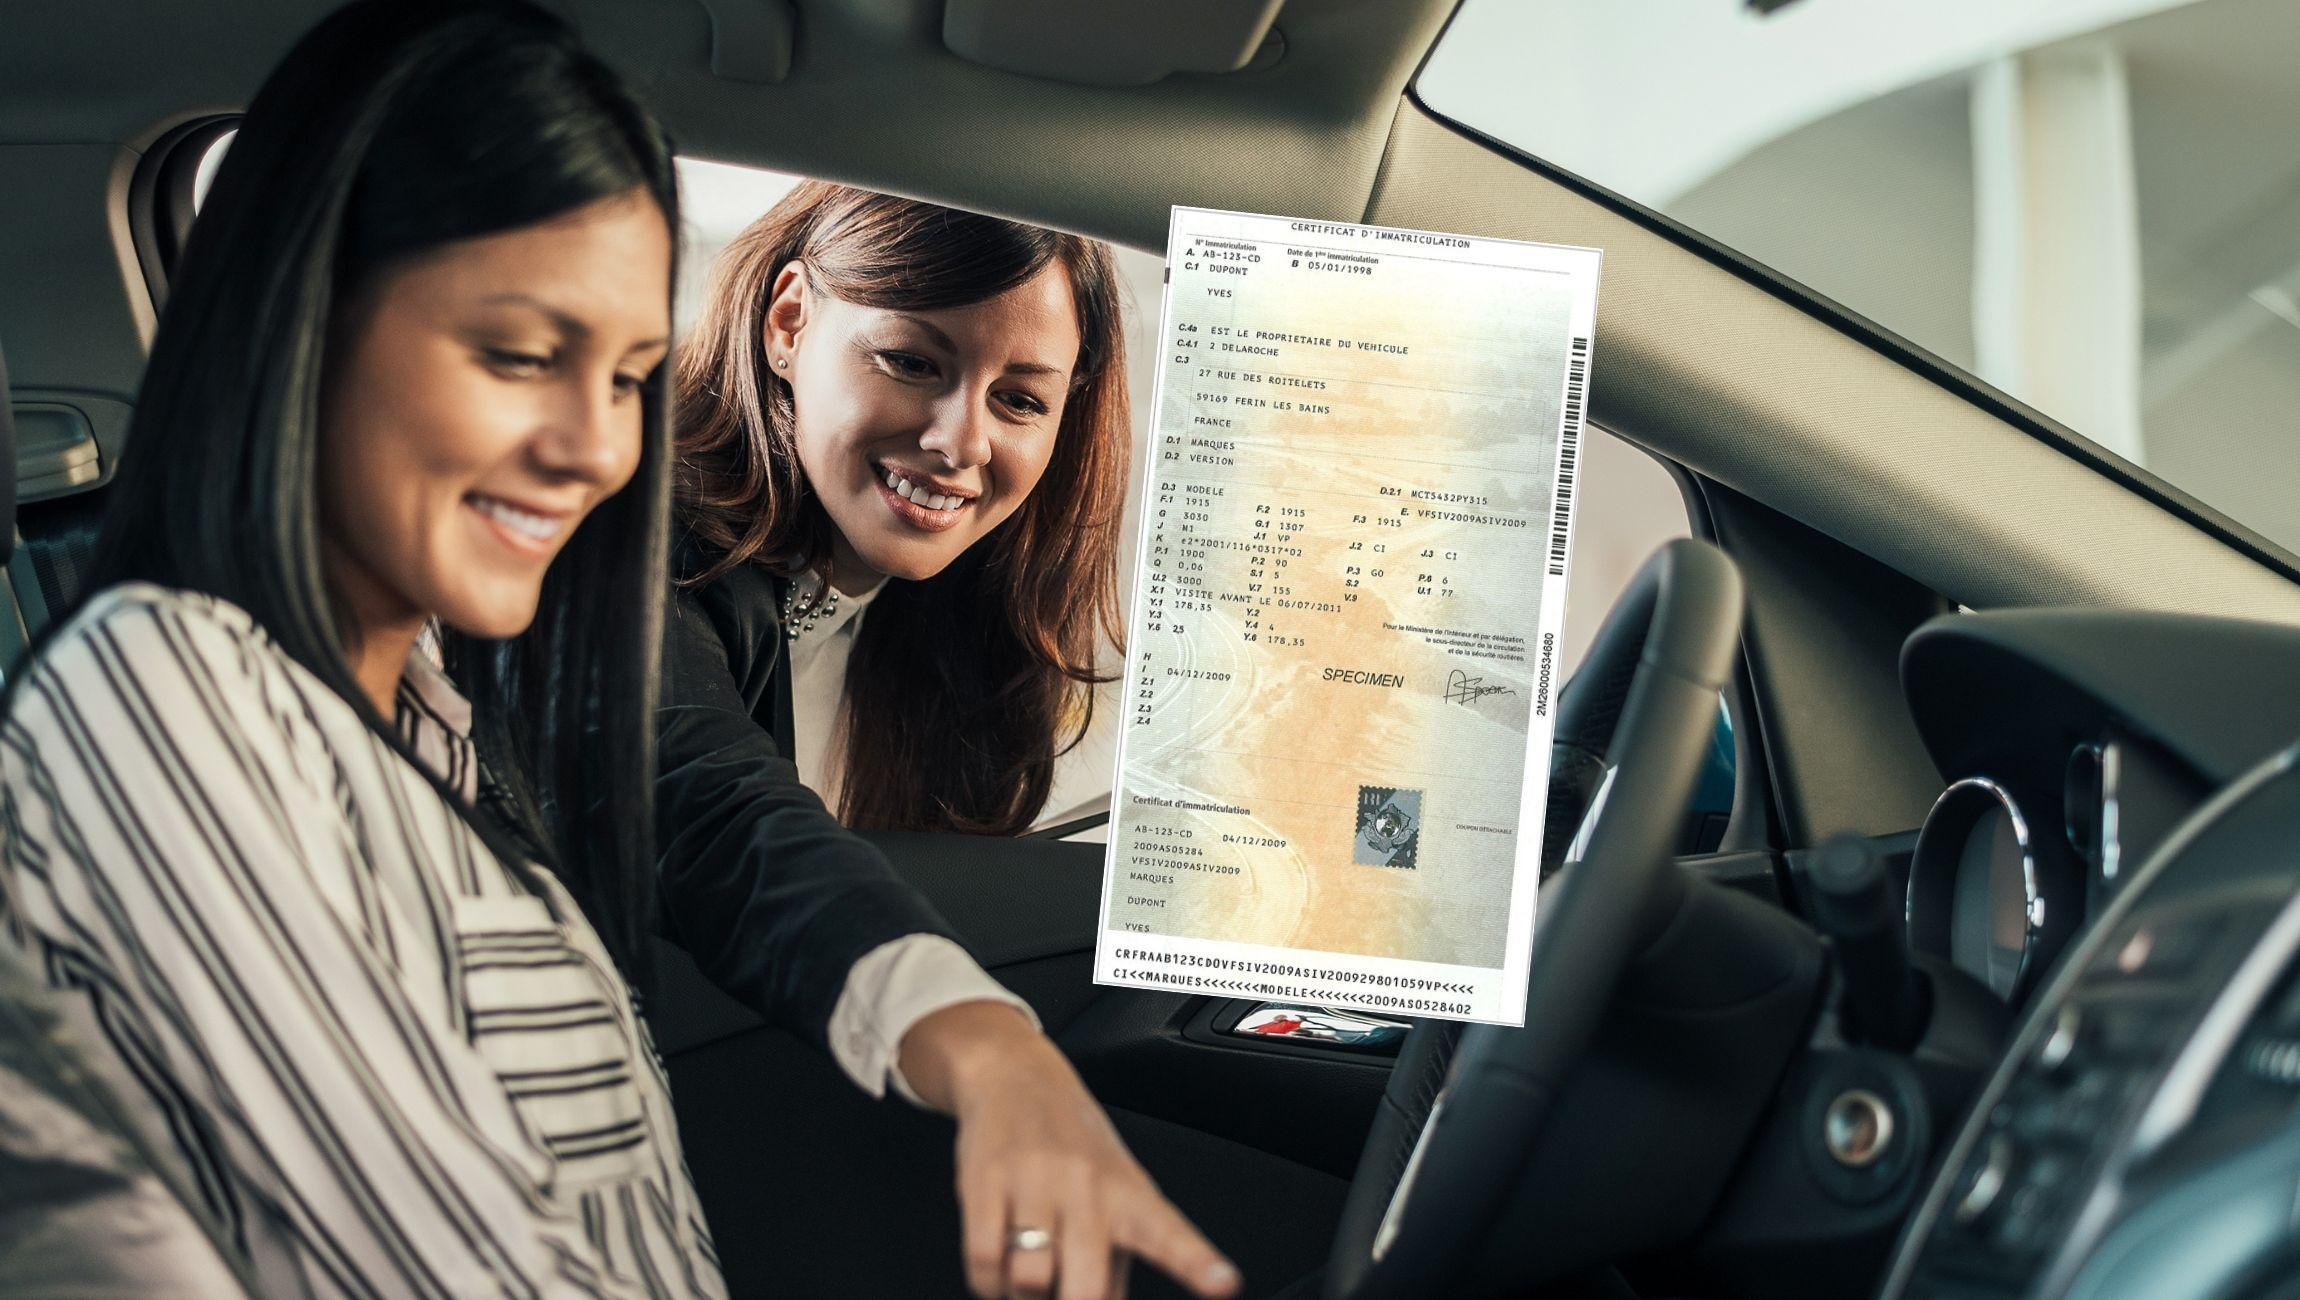 Changement de propriétaire carte grise en ligne suite à l'achat d'un véhicule d'occasion